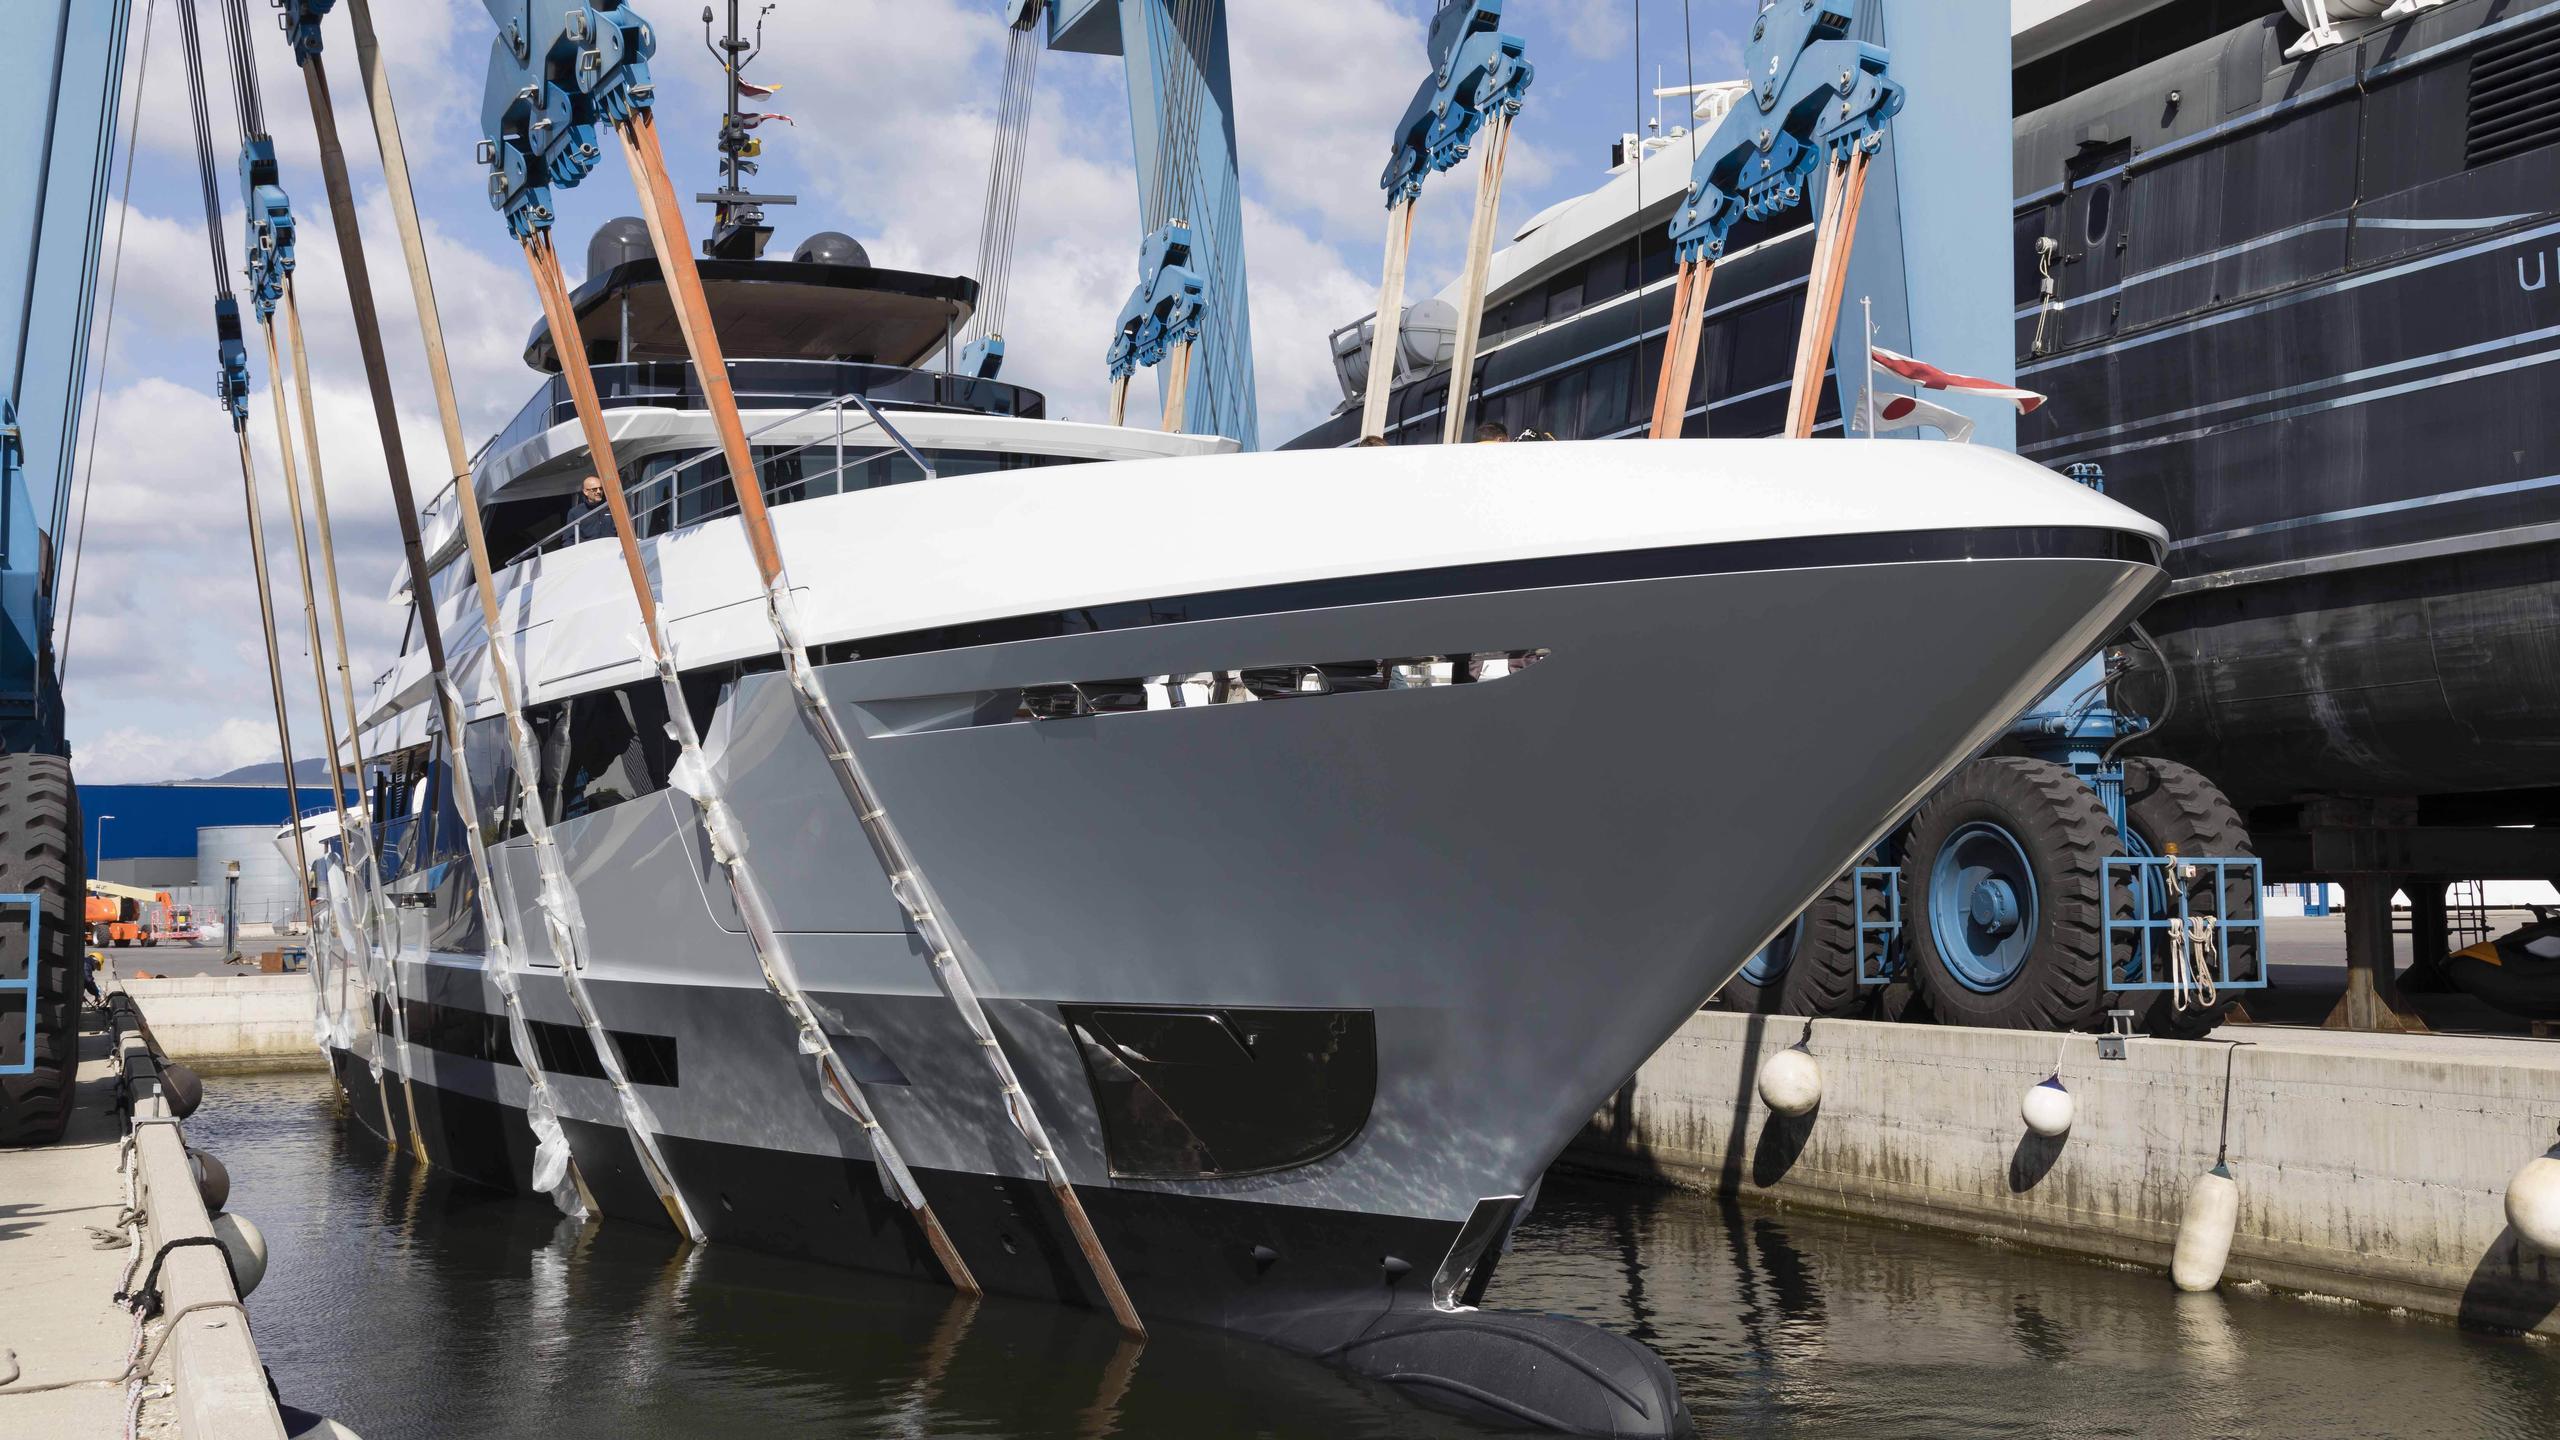 oceano 42 hull 2 motoryacht overmarine 42m 2017 launch half profile